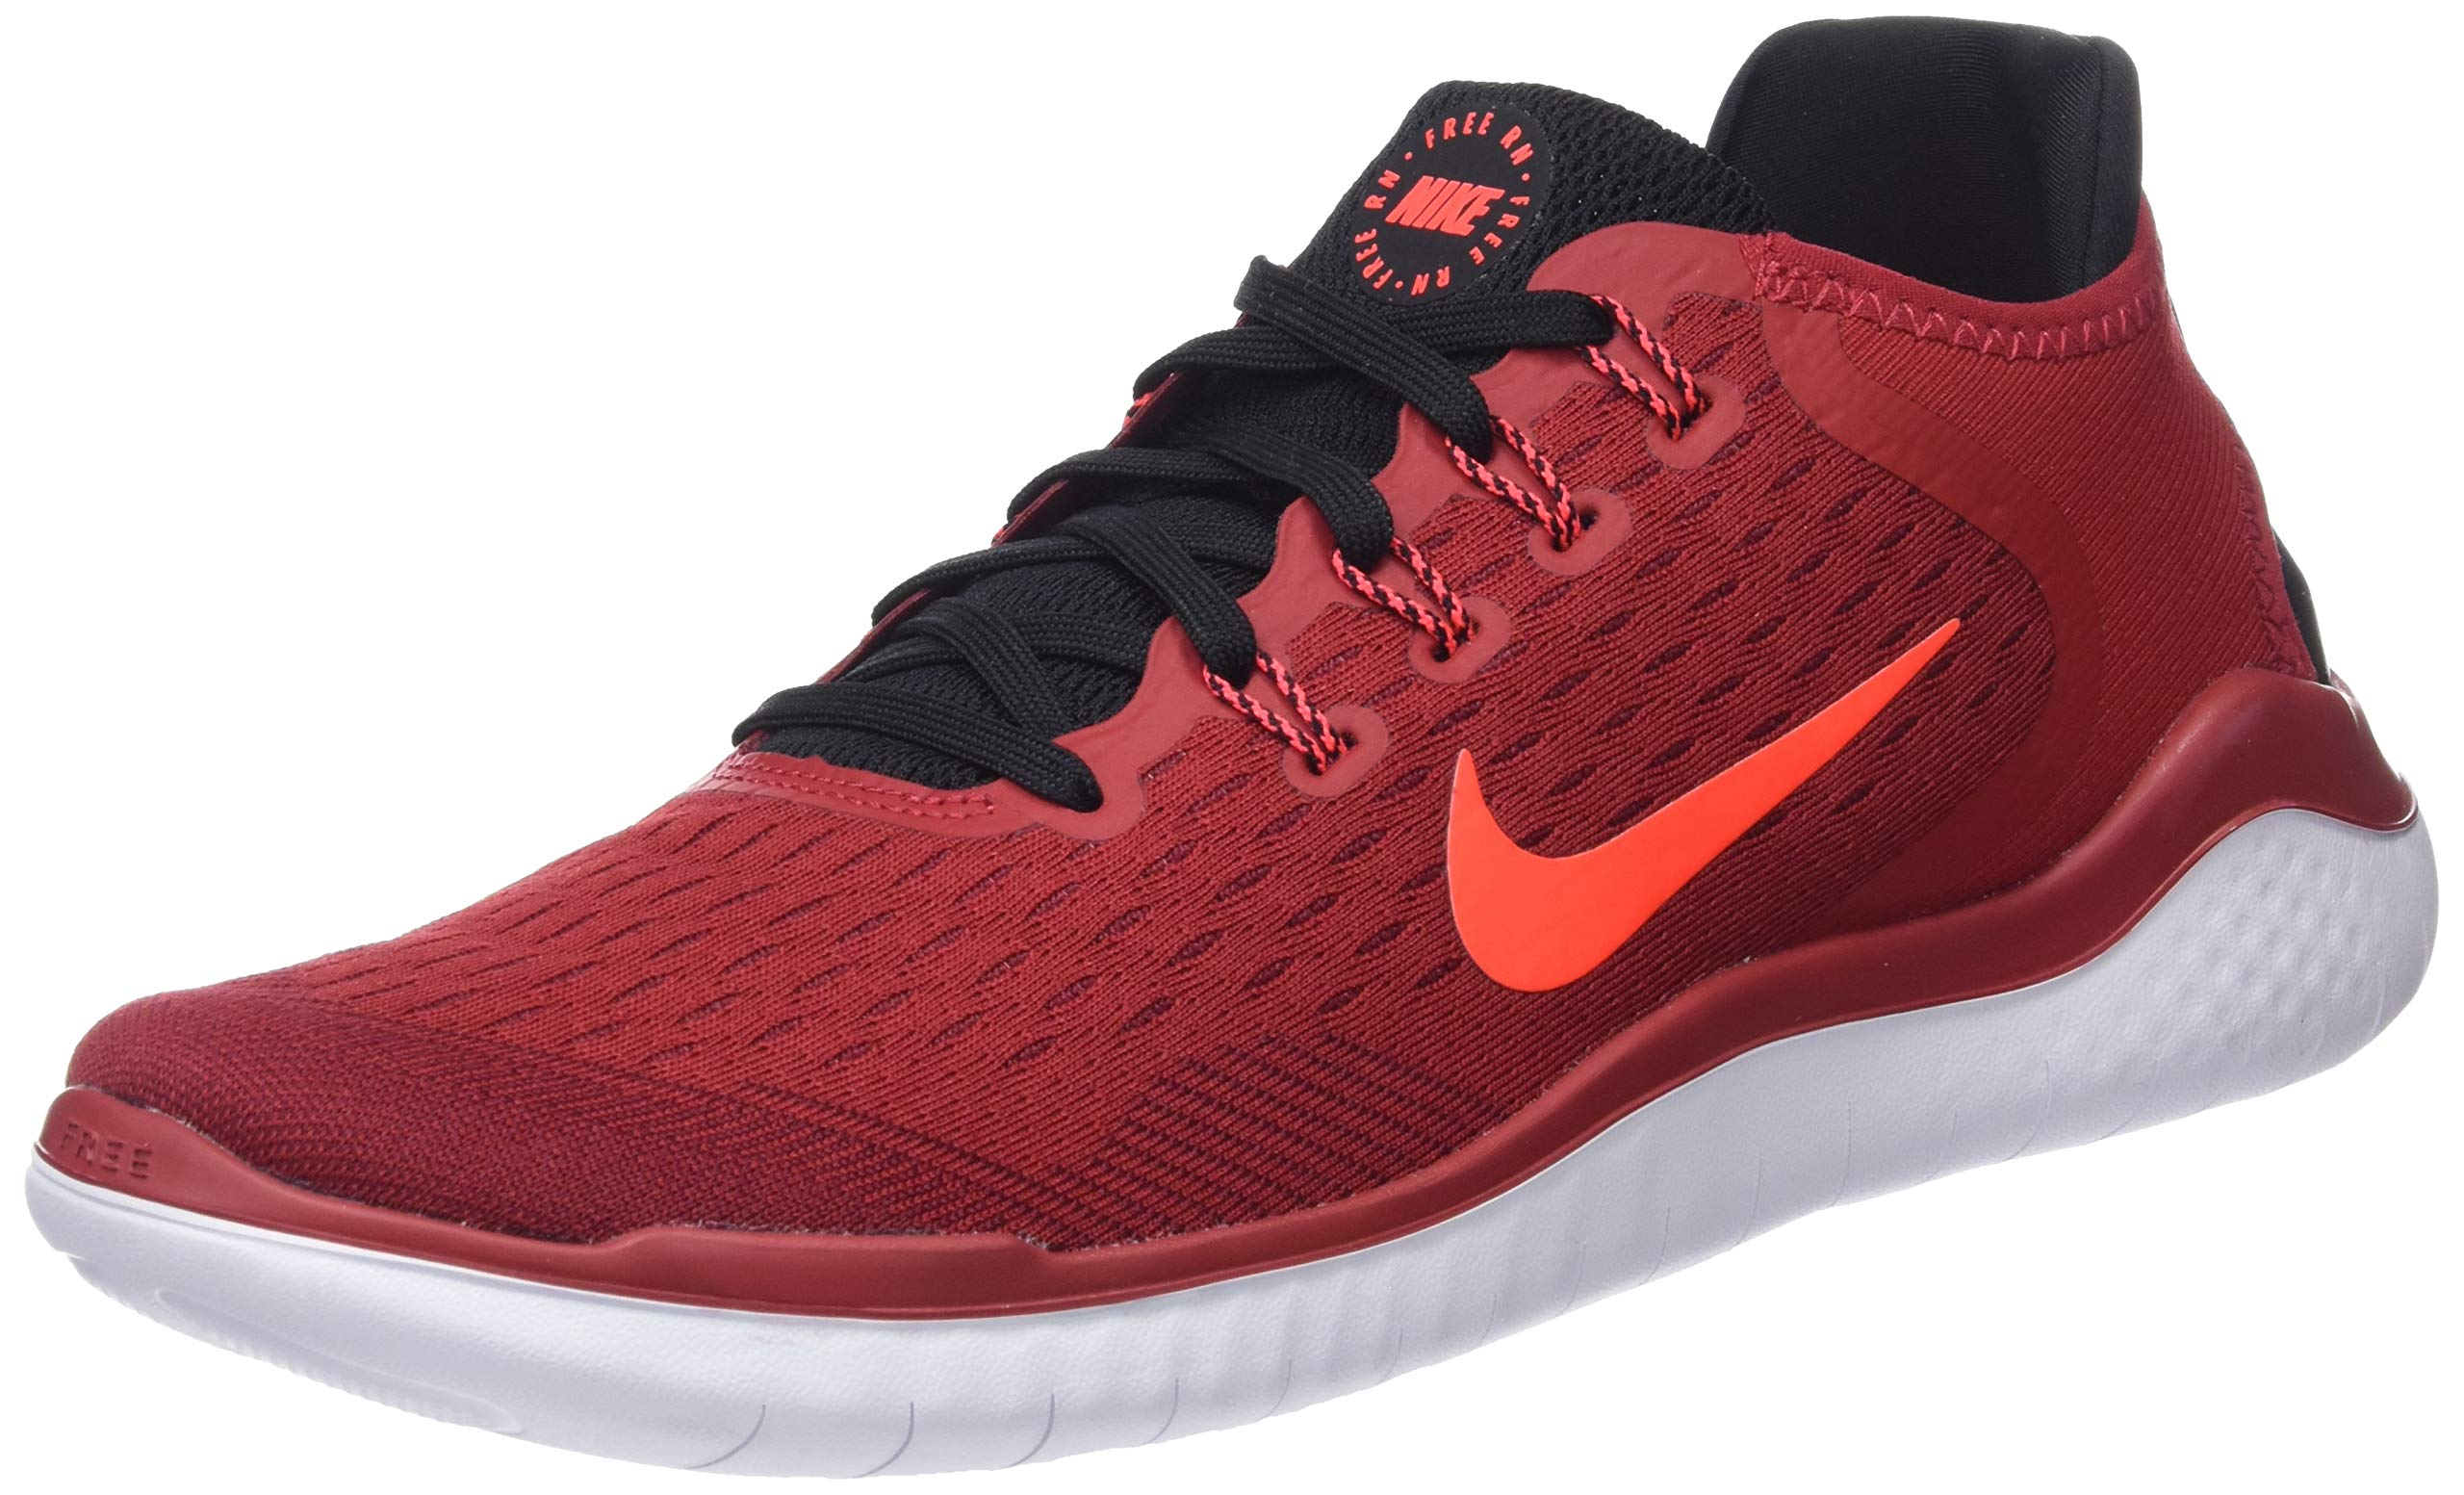 Nike Men's Free RN 2018 Running Shoes (6.5, Red/Black)